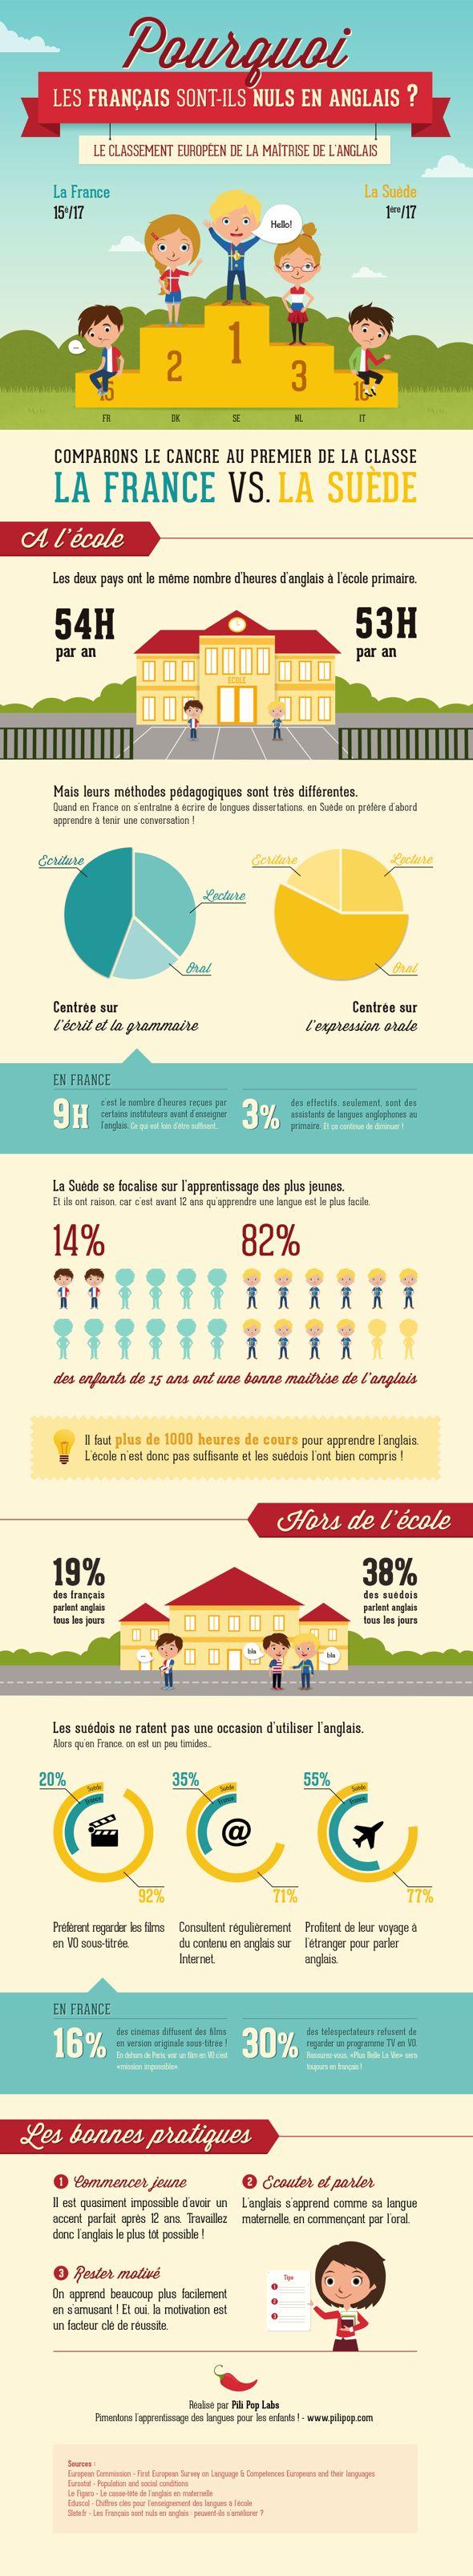 pilipop infographie Pourquoi les français sont ils nuls en anglais ? [Infographie]